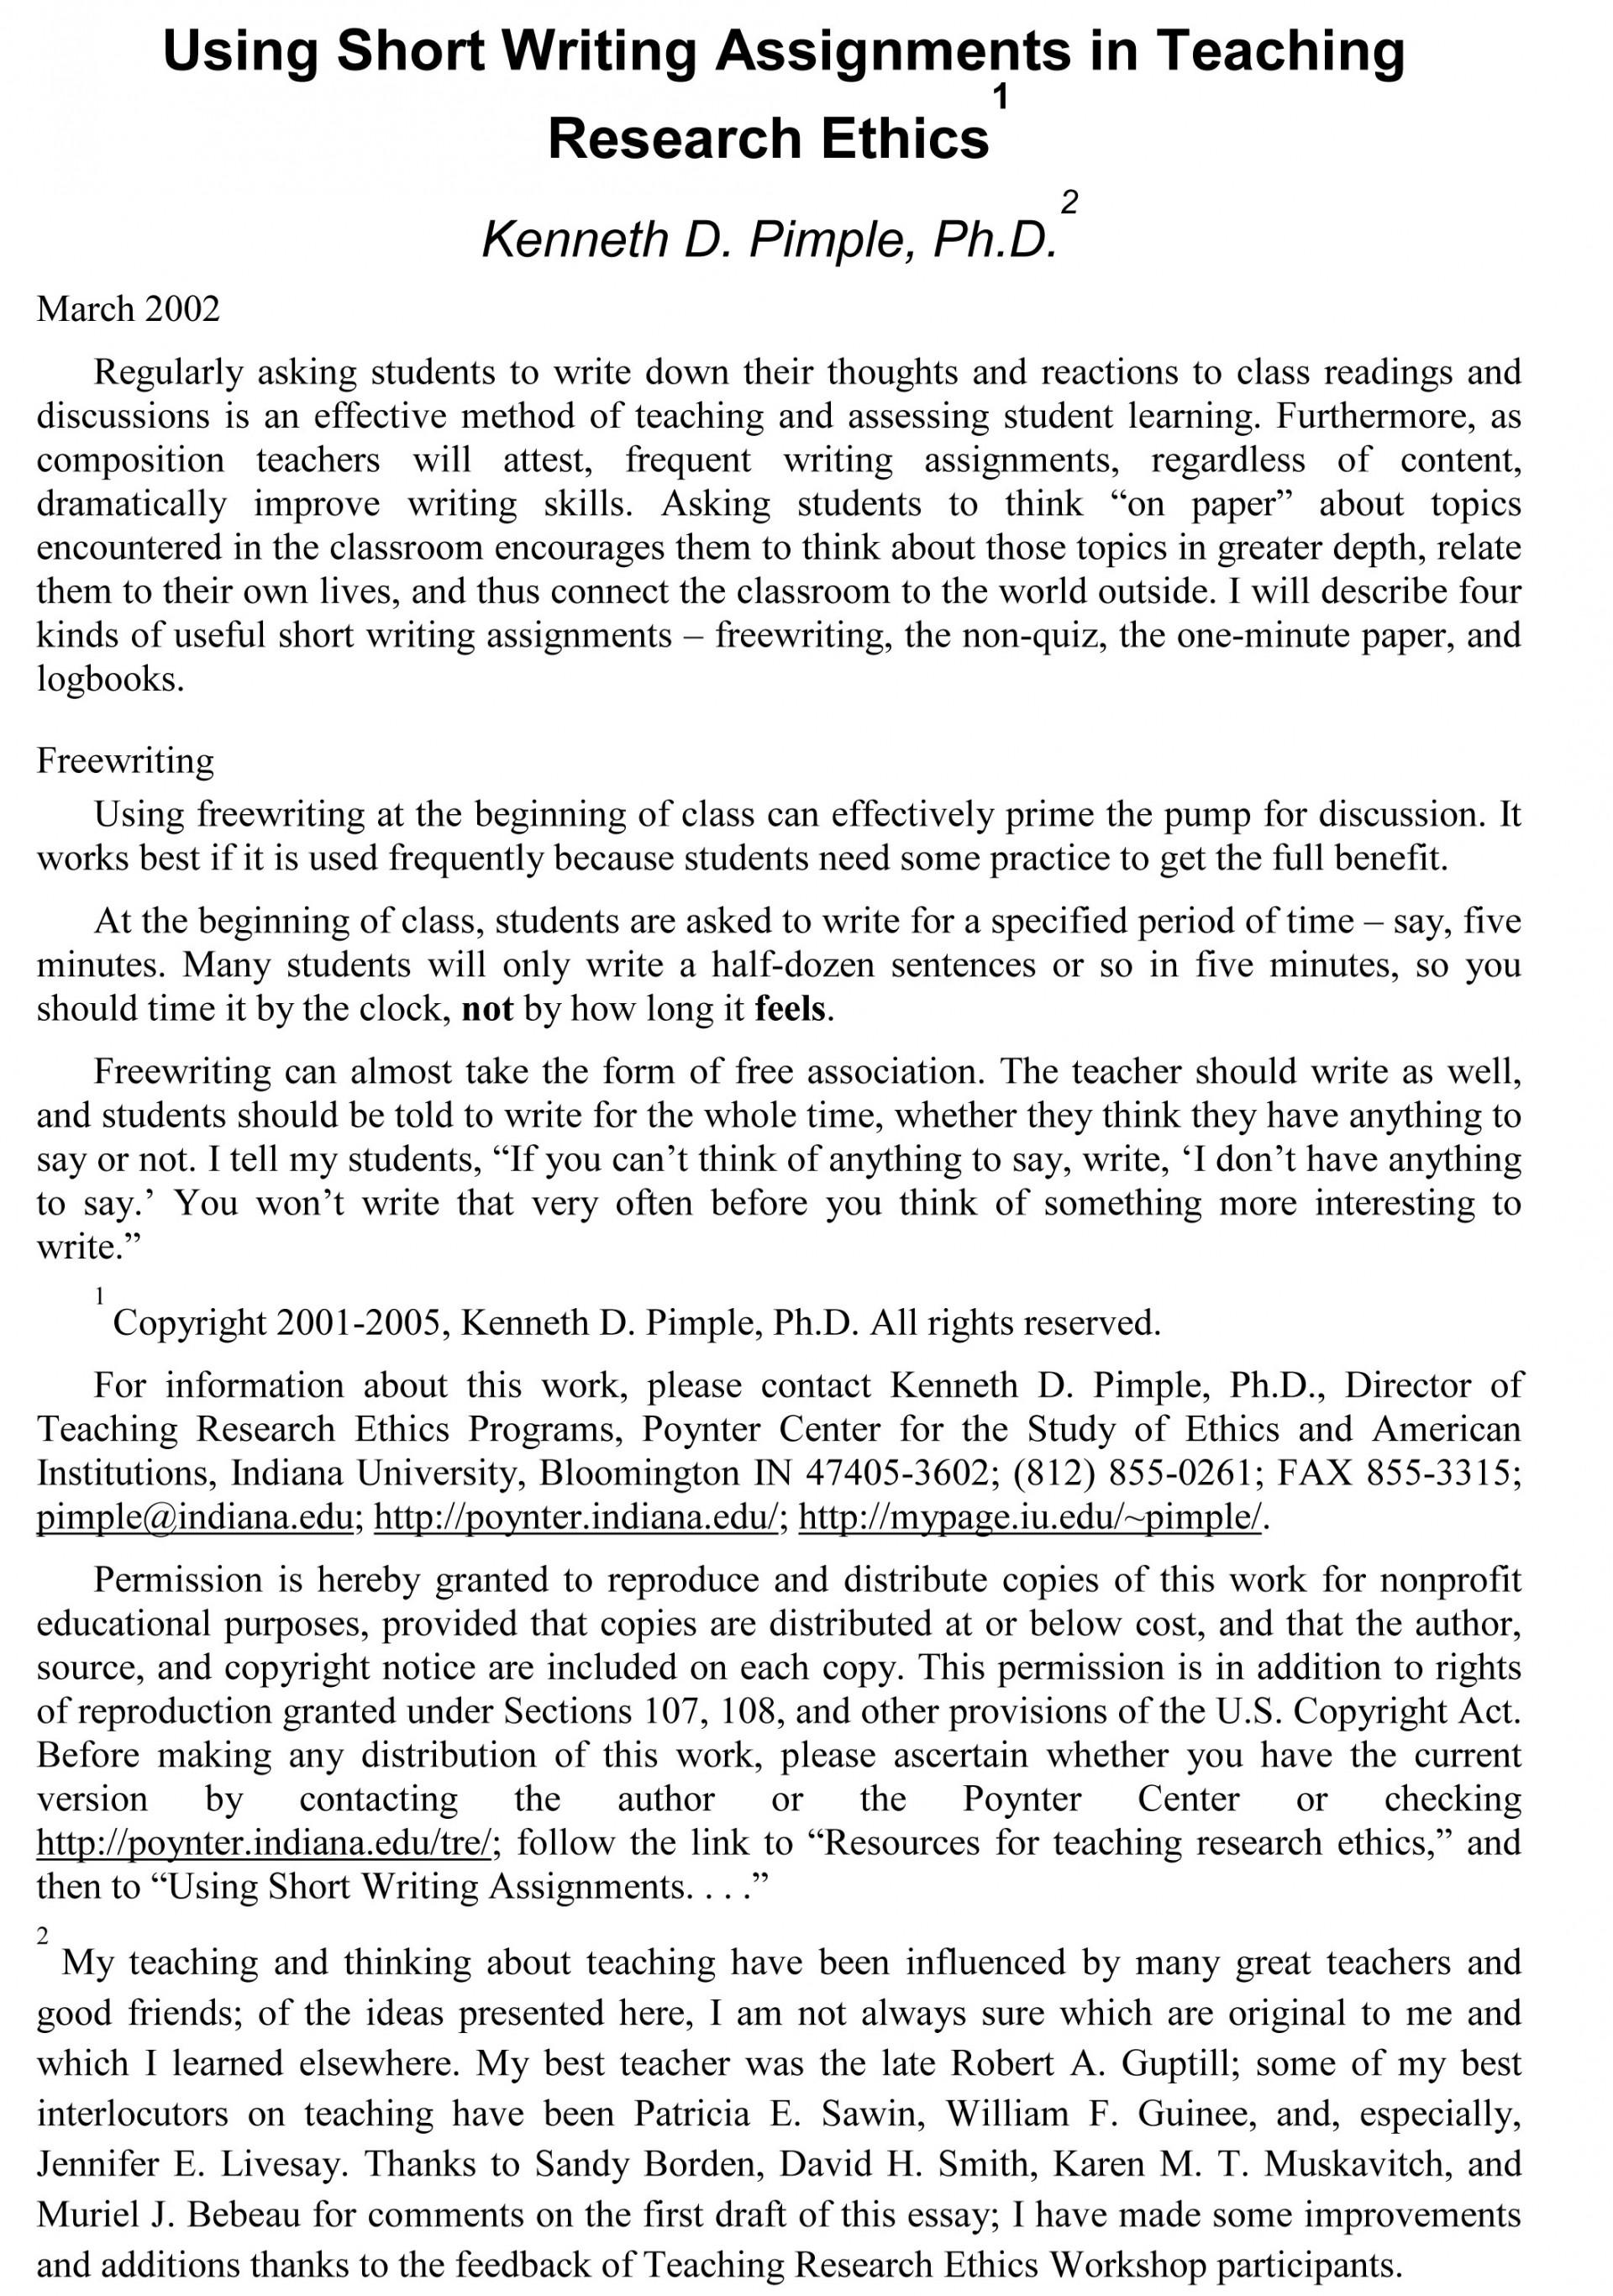 022 Essay Example Ethics ~ Thatsnotus